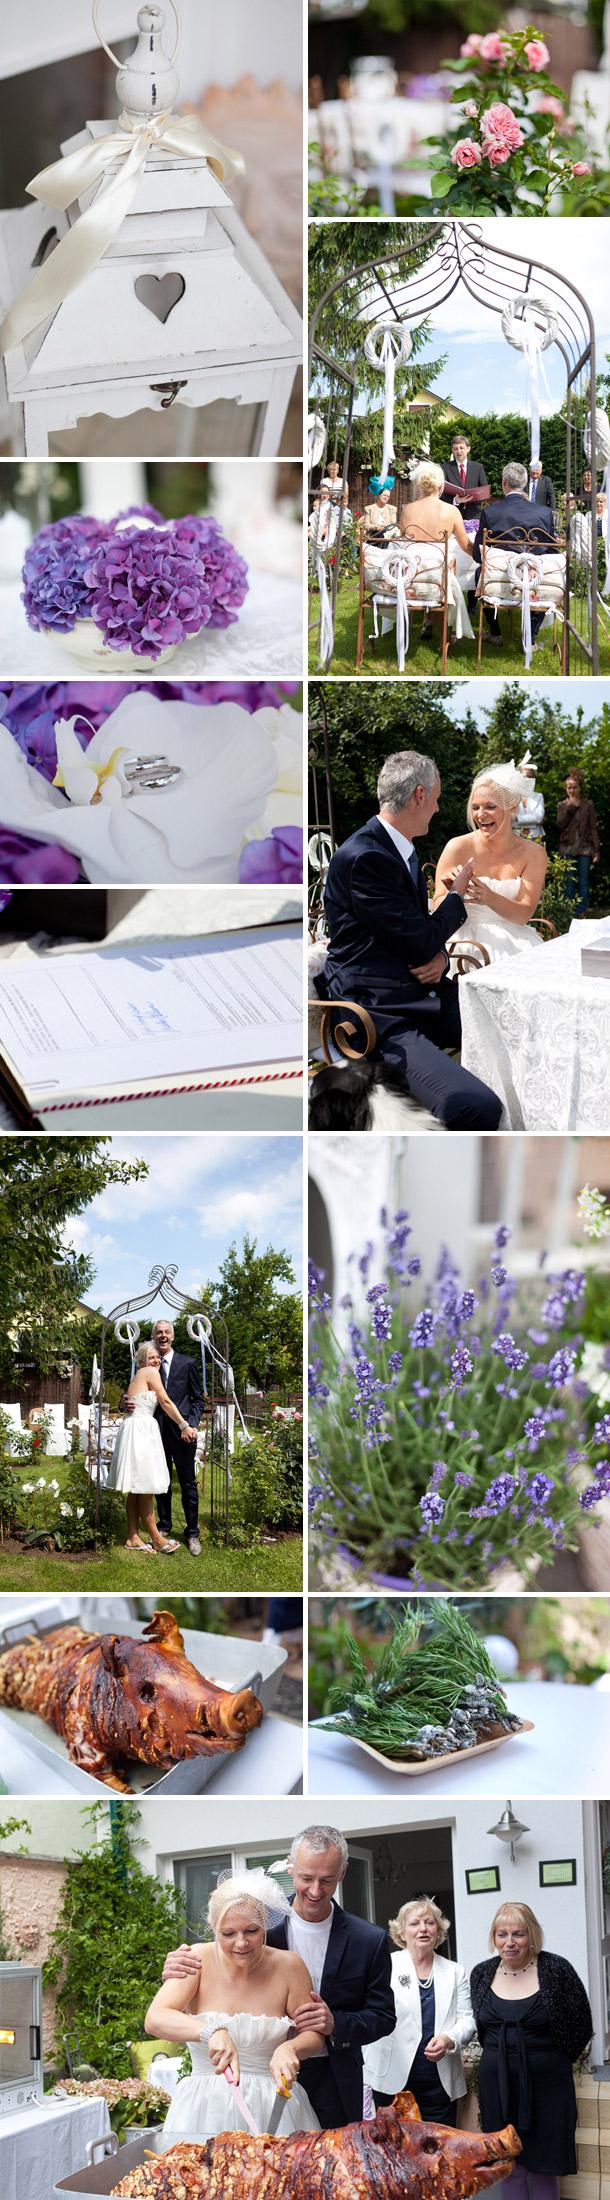 Niki und Walters Hochzeit bei Dorelies Hofer